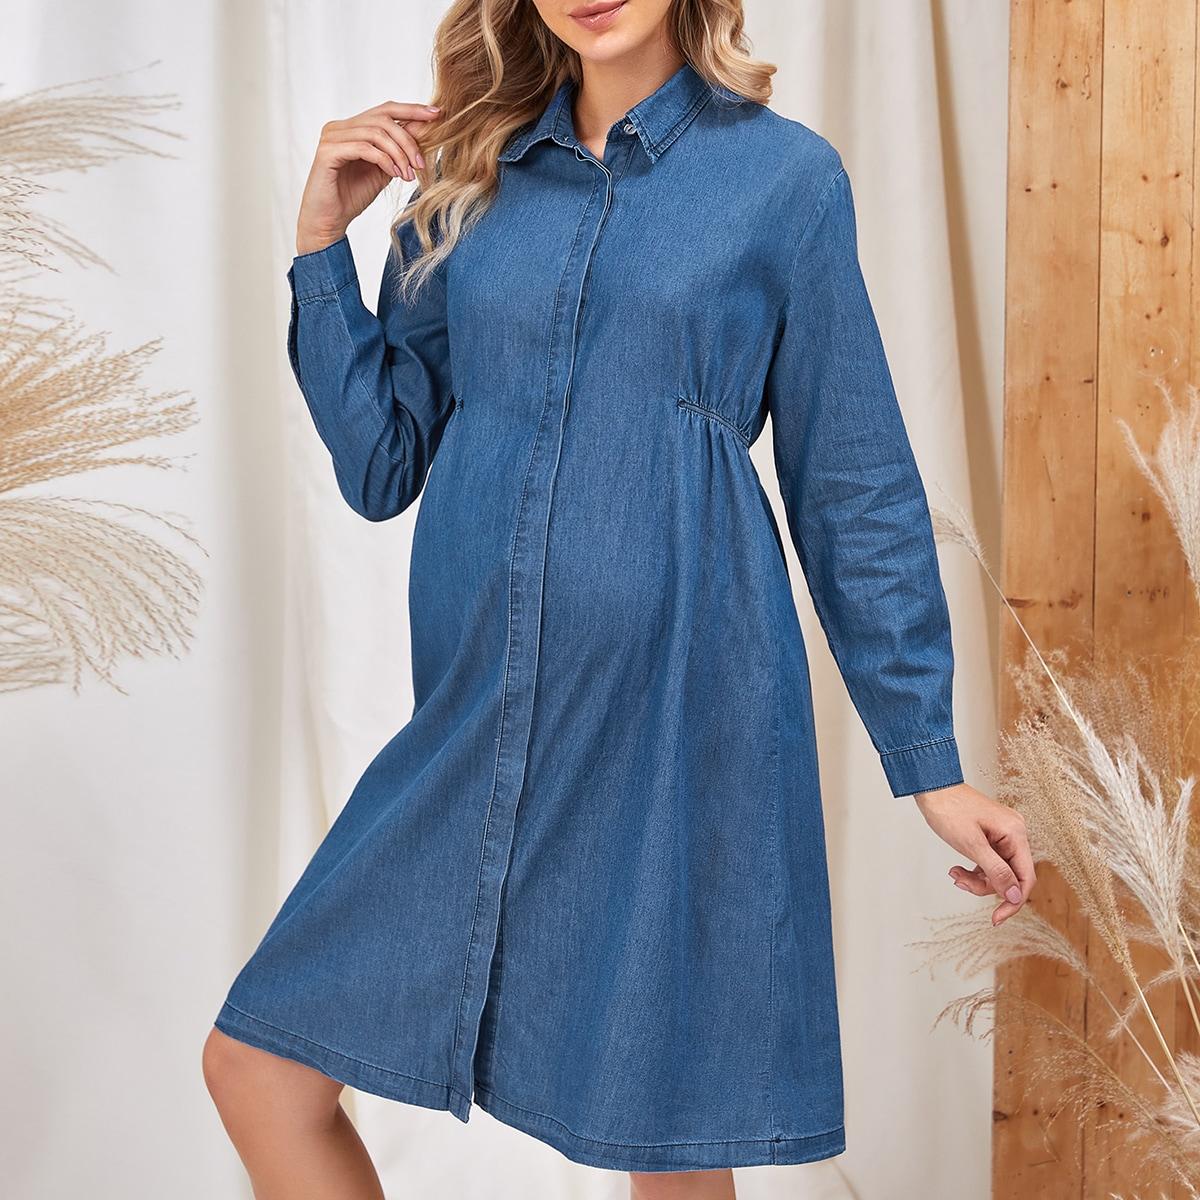 Пуговица ровный цвет повседневный джинсовая одежда для беременных